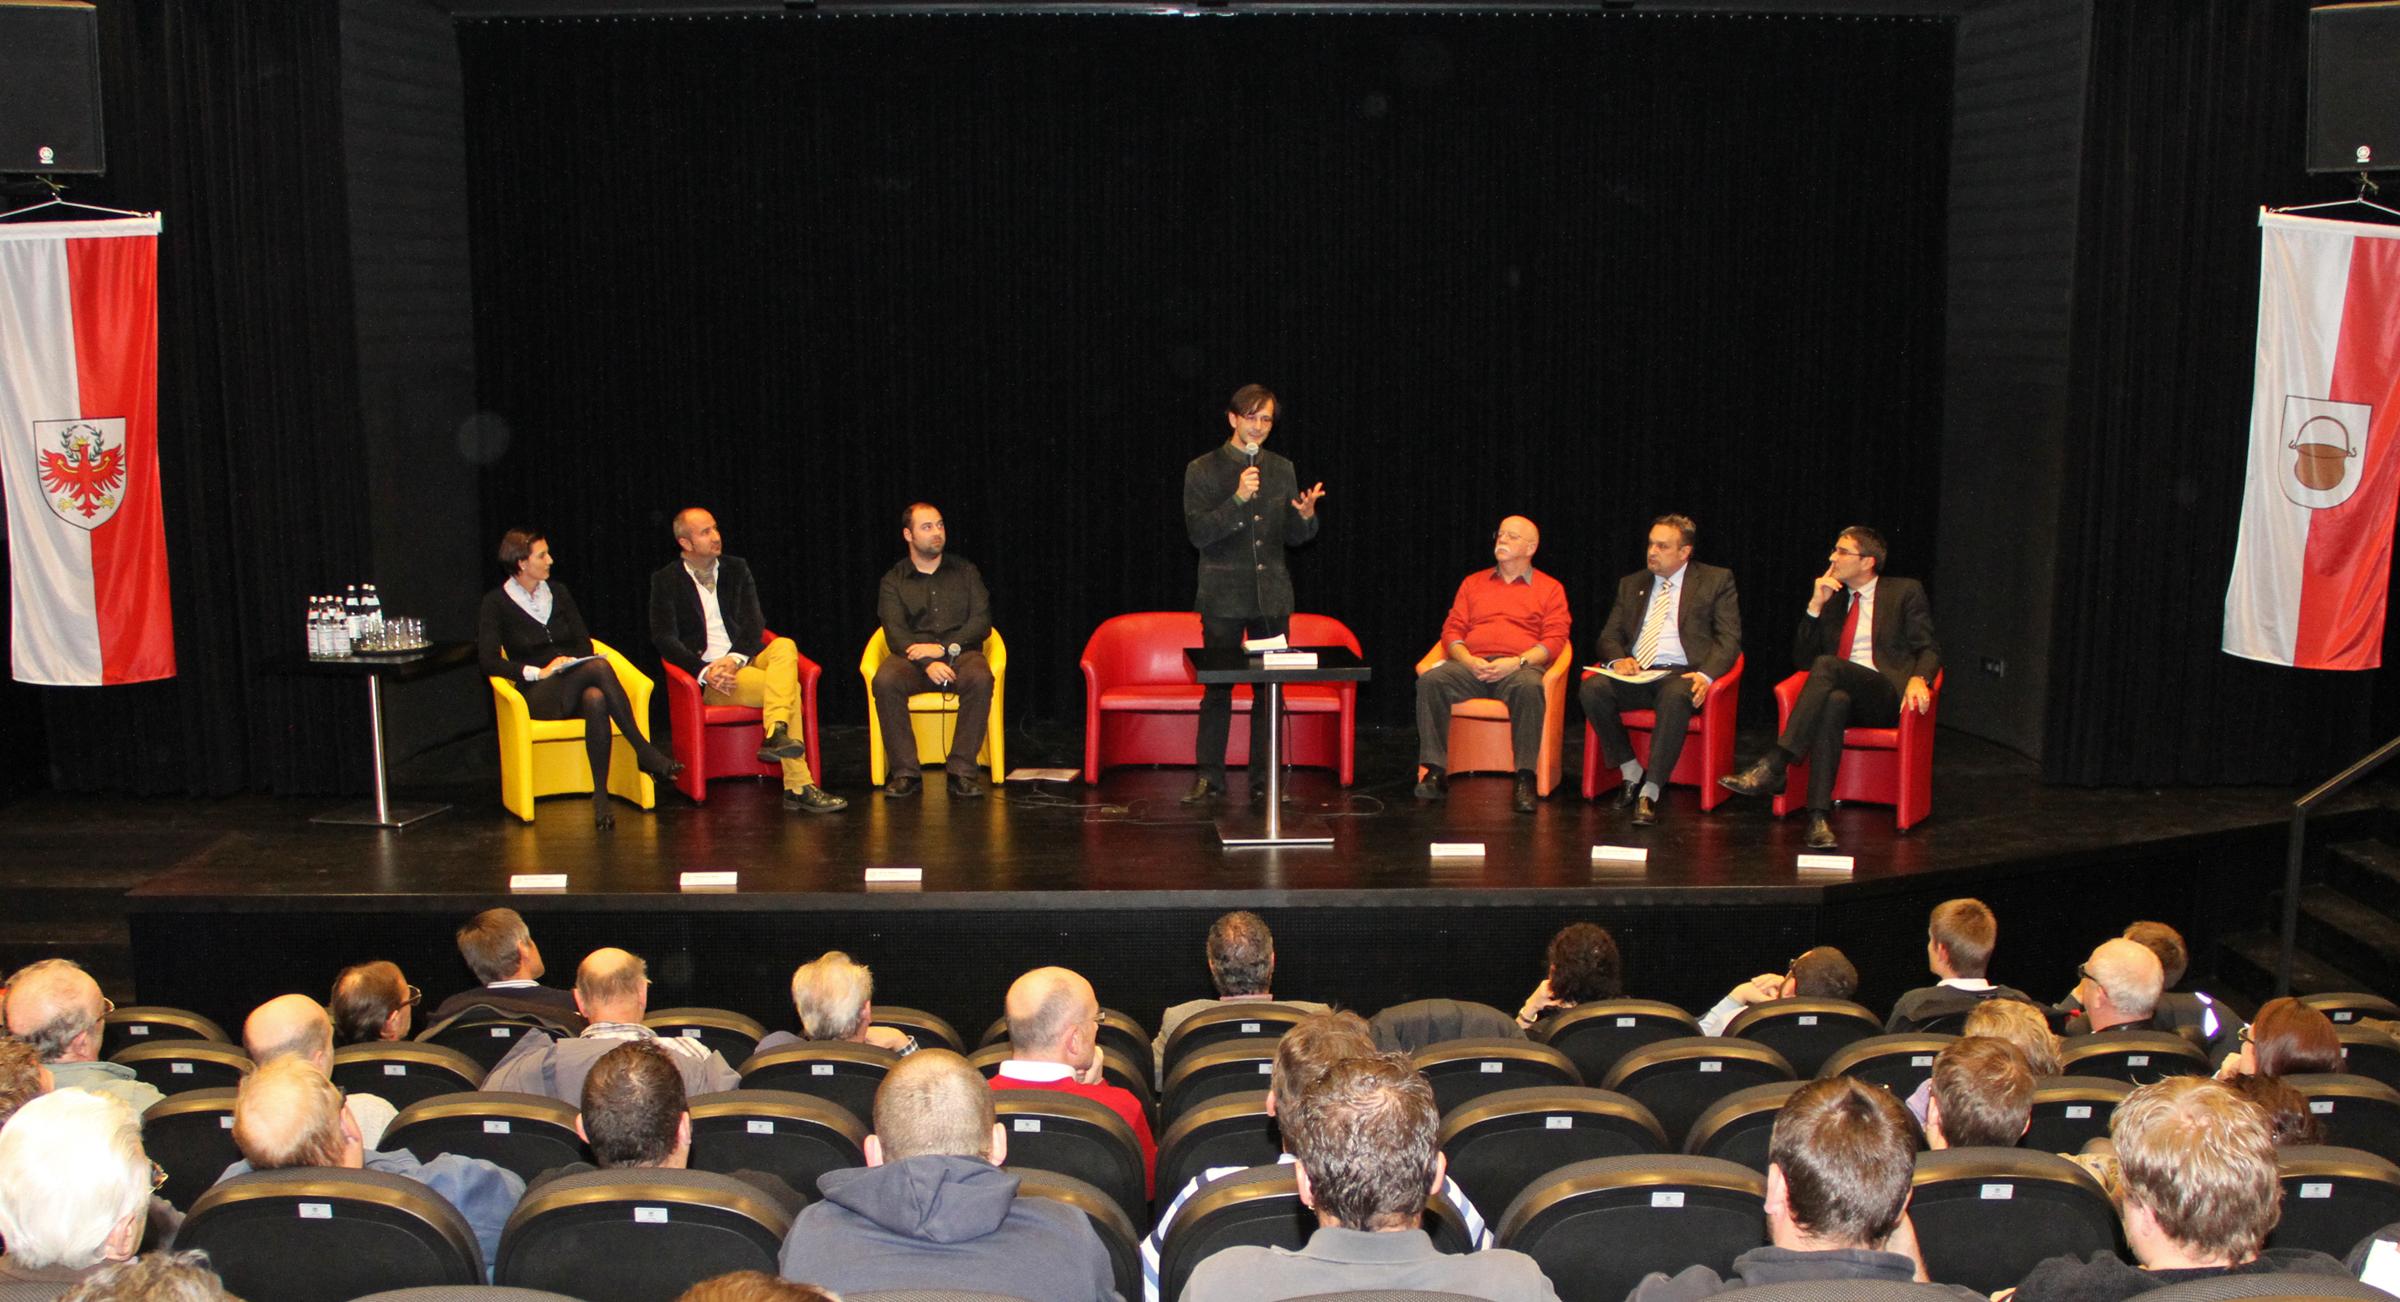 Toponomastikabend in Kaltern: Ortsnamenproblematik wieder ein heißes Diskussionsthema